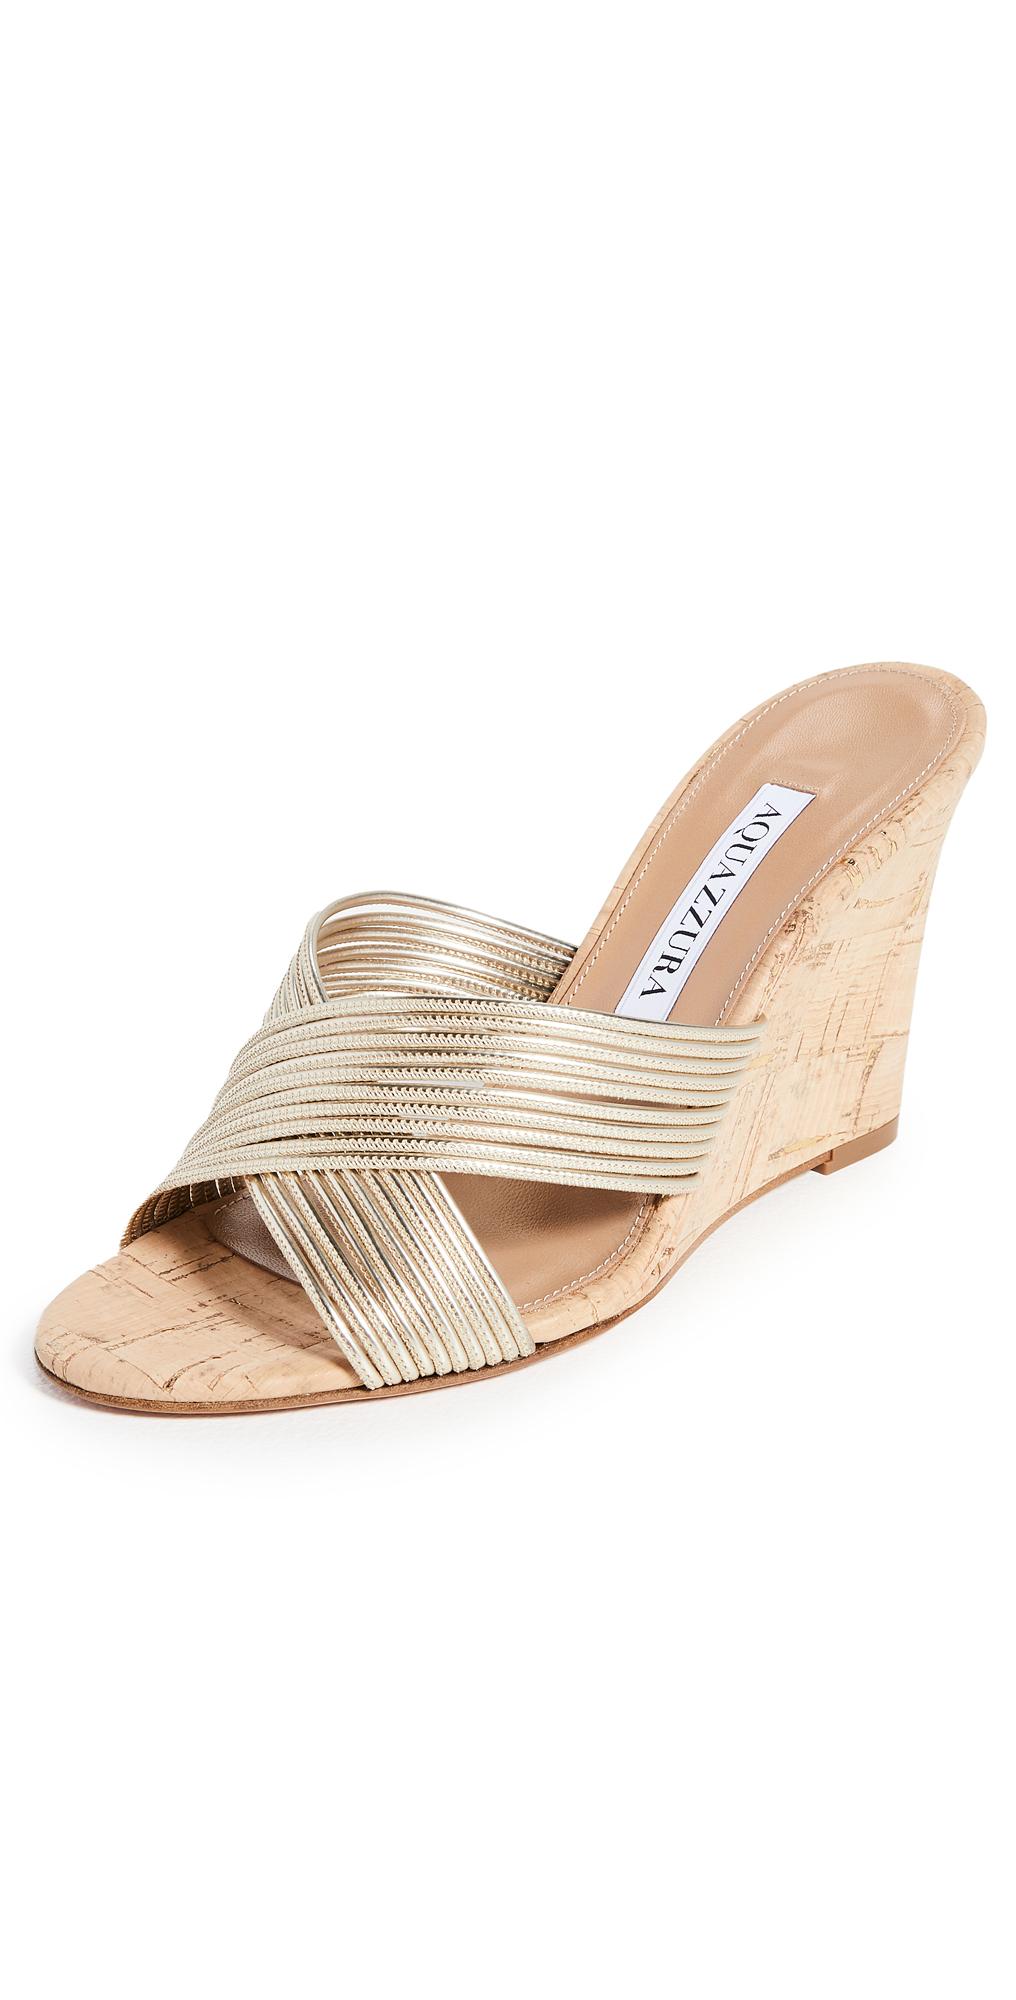 Aquazzura Perugia 85 Wedge Sandals